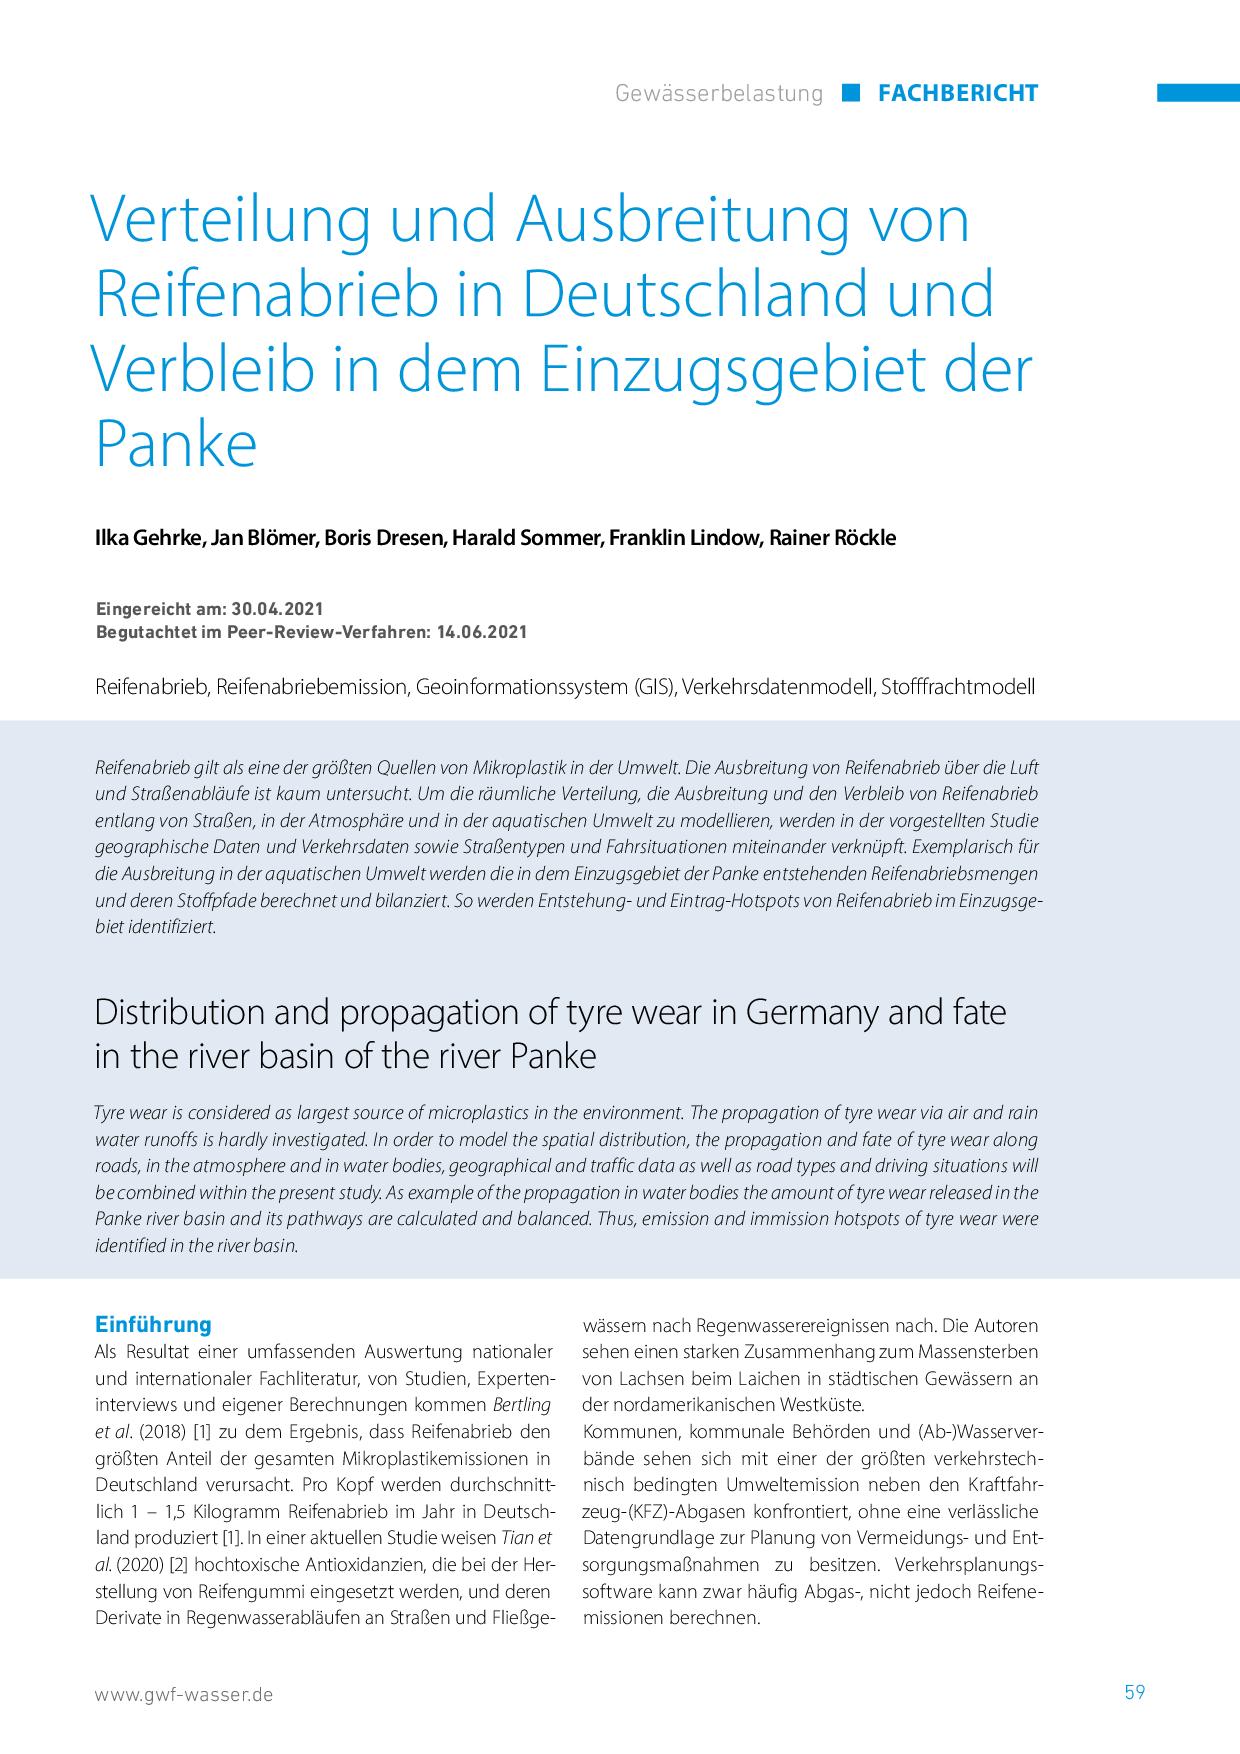 Verteilung und Ausbreitung von Reifenabrieb in Deutschland und Verbleib in dem Einzugsgebiet der Panke